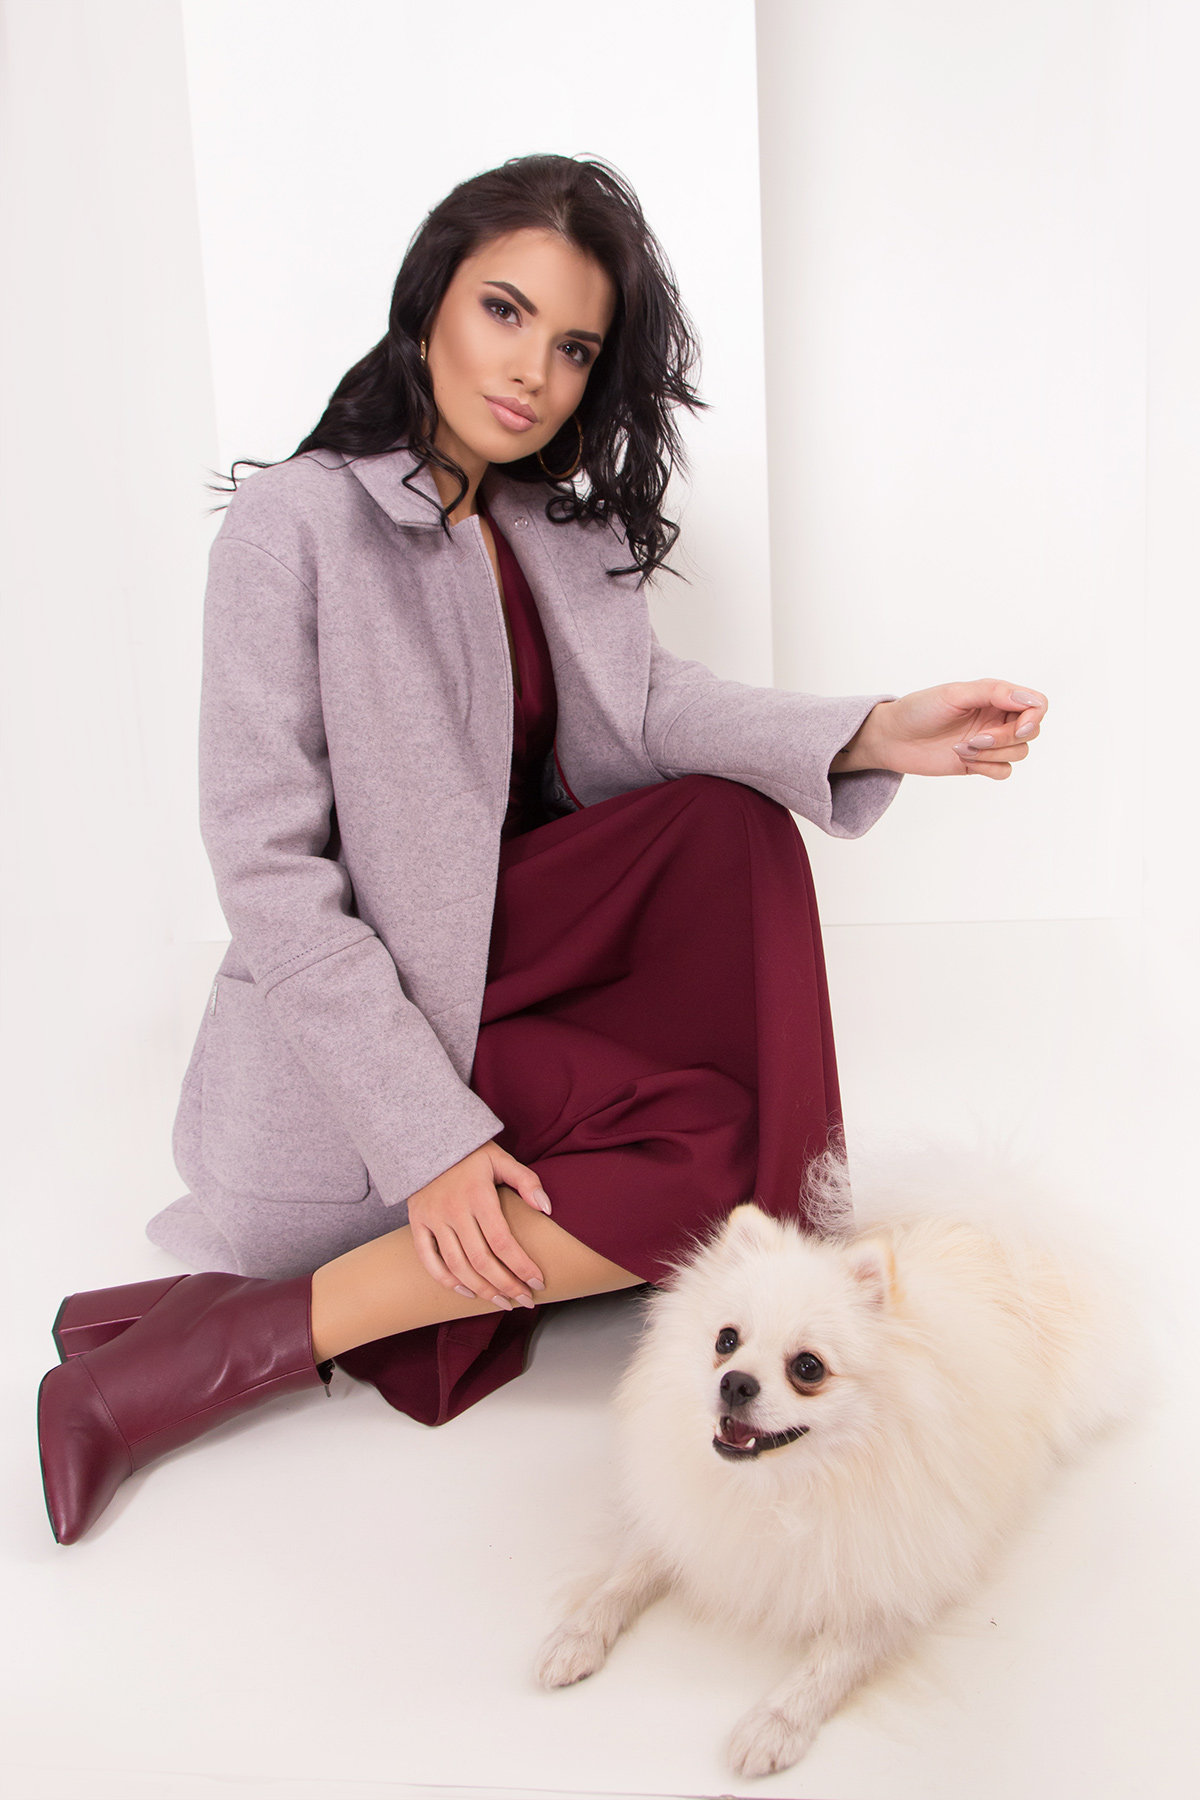 Элегантное зимнее пальто миди длины с накладными карманами Флорида 8138 АРТ. 44094 Цвет: Серо-розовый 46 - фото 2, интернет магазин tm-modus.ru